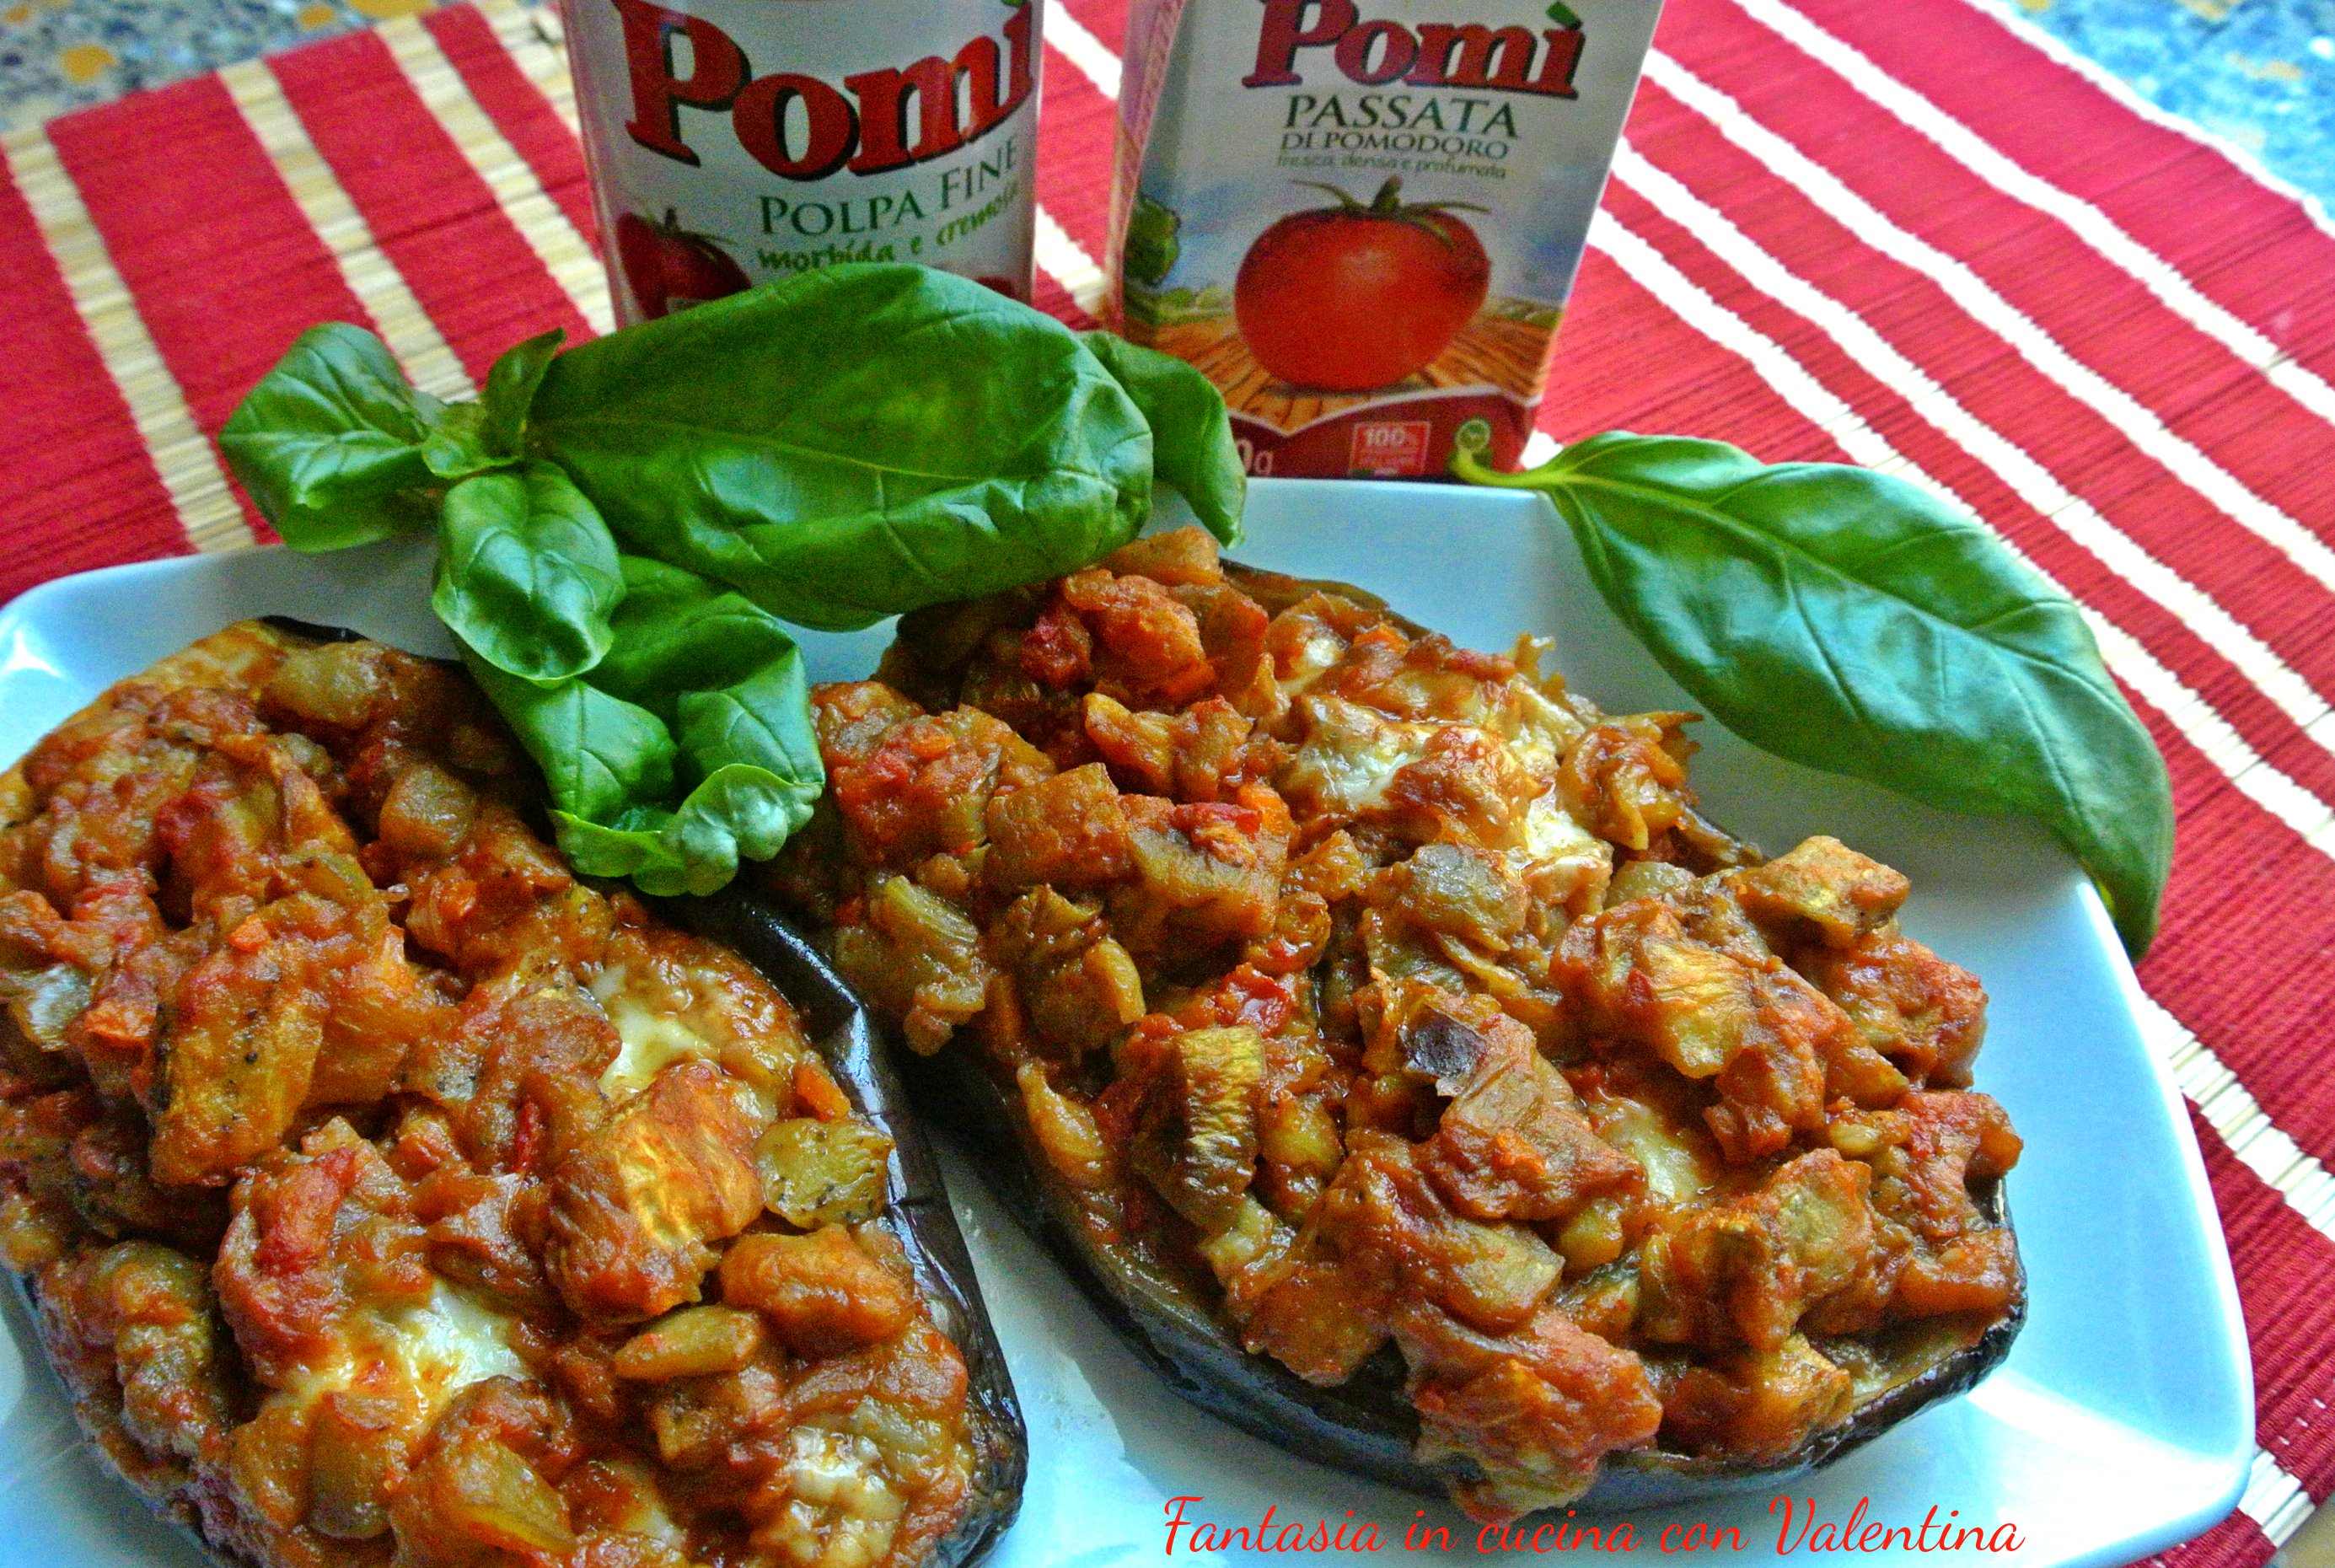 Parmigiana in melanzane